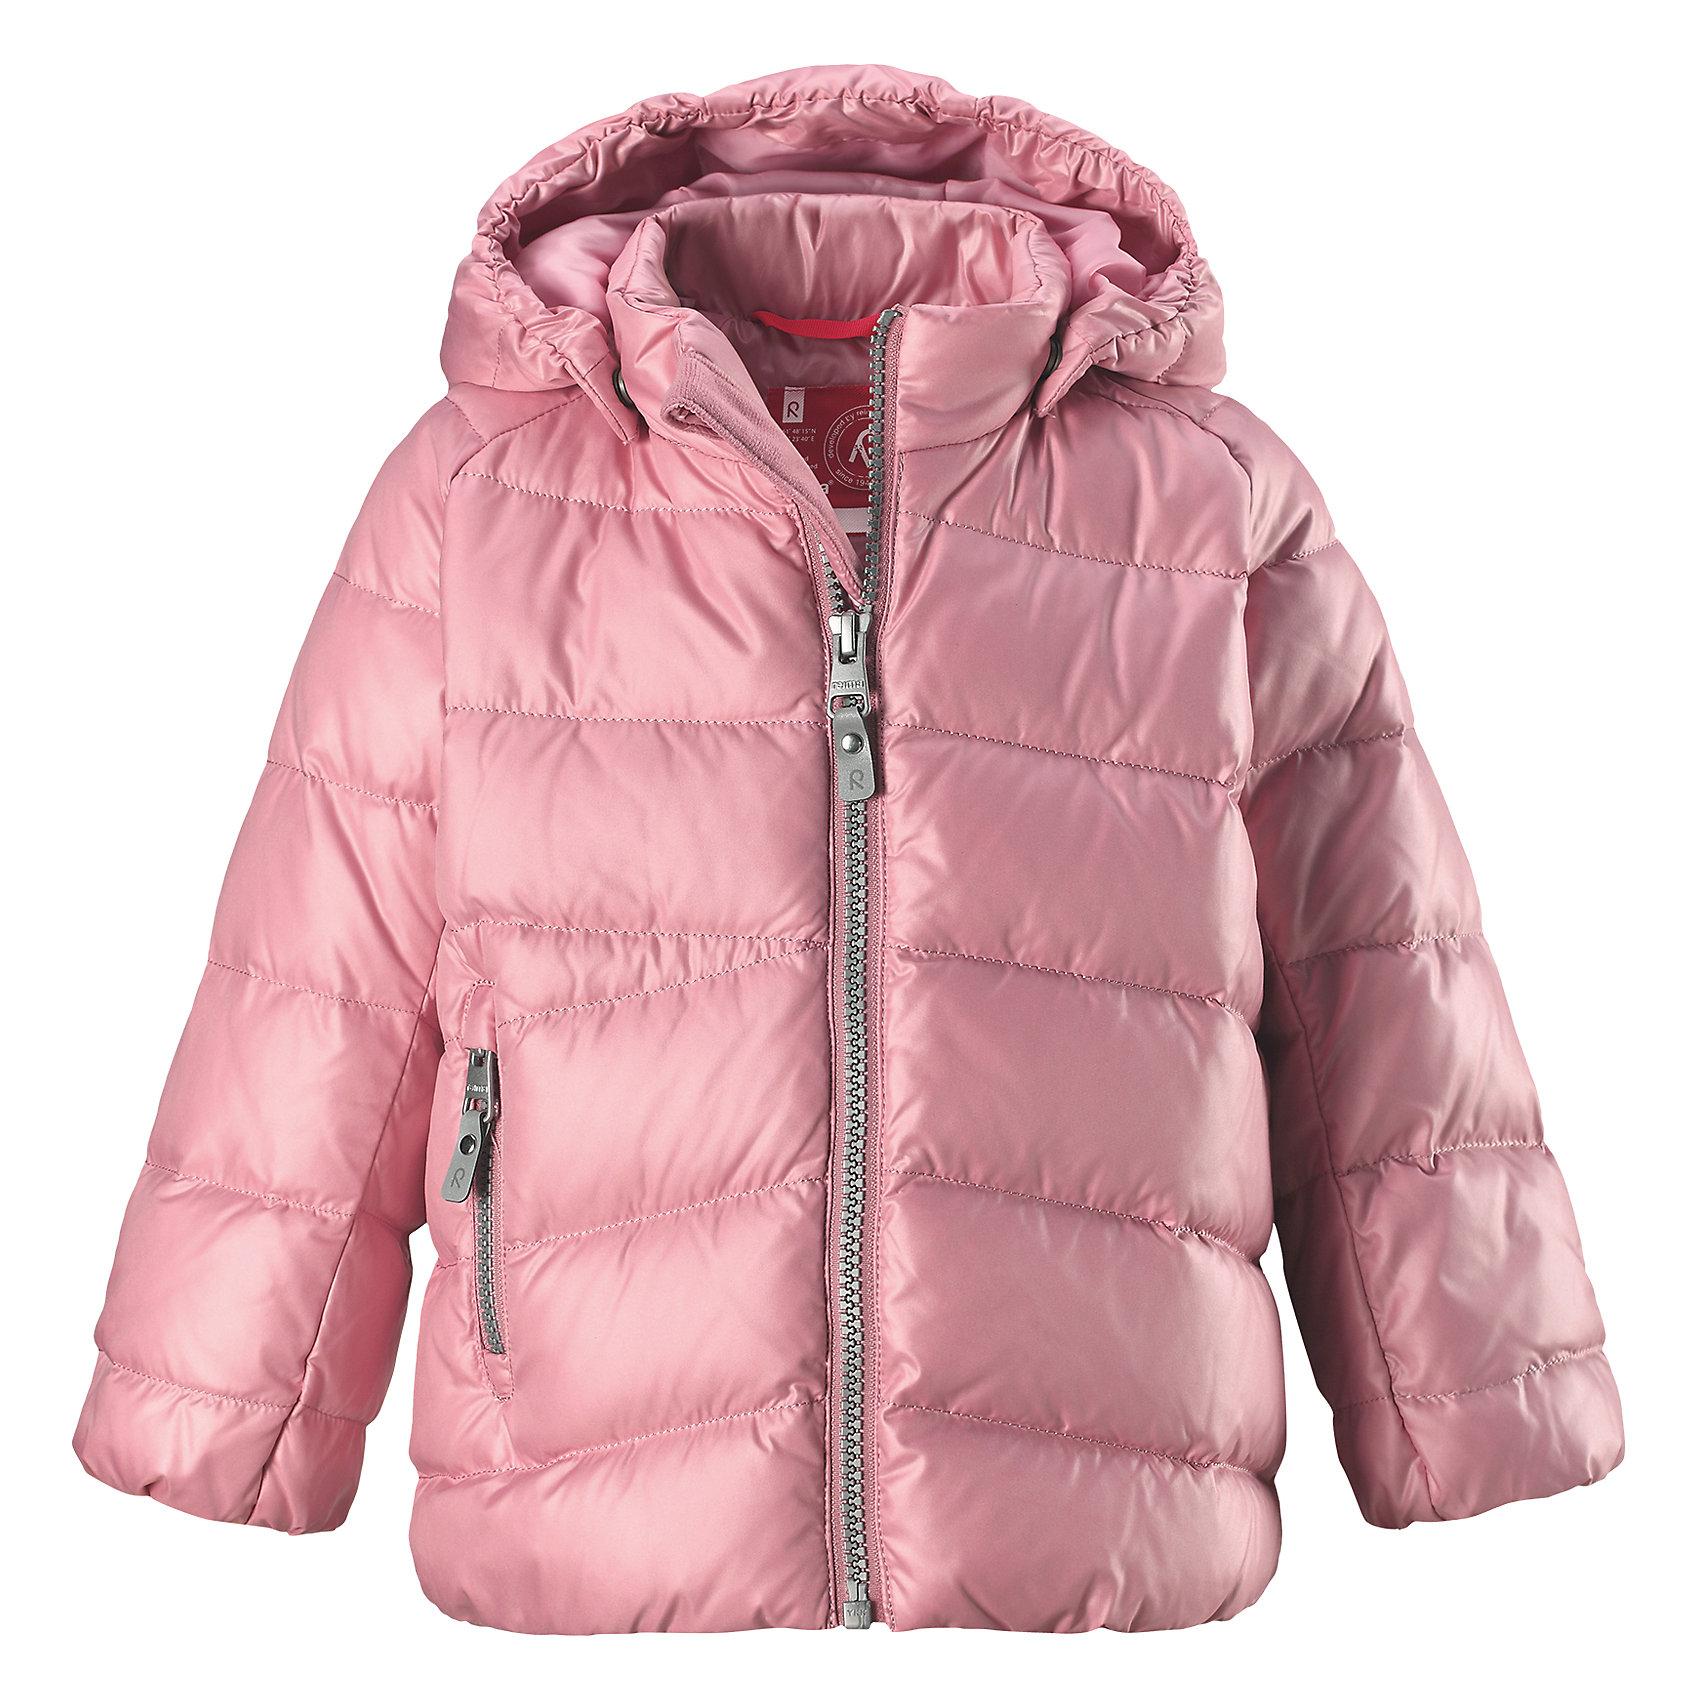 Куртка Reima VihtaОдежда<br>Характеристики товара:<br><br>• цвет: розовый <br>• состав: 100% полиэстер<br>• утеплитель: 60 г/м2 (60% пух, 40% перо)<br>• сезон: зима<br>• температурный режим: от 0 до -20С<br>• особенности модели: пуховая<br>• ветронепроницаемый материал<br>• гладкая подкладка из полиэстера<br>• безопасный, съемный капюшон на кнопках<br>• защита подбородка от защемления<br>• застежка: молния<br>• боковой карман на молнии<br>• светоотражающие детали<br>• страна бренда: Финляндия<br>• страна изготовитель: Китай<br><br>Зимняя пуховая куртка с капюшоном для девочки! Внутри – теплый пух, а снаружи – ветронепроницаемый материал. Куртка застегивается на молнию, есть защита от защемления подбородка. Боковой карман на молнии. Куртка оснащена светоотражающими элементами. Обратите внимание: эту куртку можно сушить в сушильной машине. <br><br>Куртку Vihta Reima от финского бренда Reima (Рейма) можно купить в нашем интернет-магазине.<br><br>Ширина мм: 356<br>Глубина мм: 10<br>Высота мм: 245<br>Вес г: 519<br>Цвет: розовый<br>Возраст от месяцев: 48<br>Возраст до месяцев: 60<br>Пол: Унисекс<br>Возраст: Детский<br>Размер: 110,80,86,92,98,104<br>SKU: 6908260